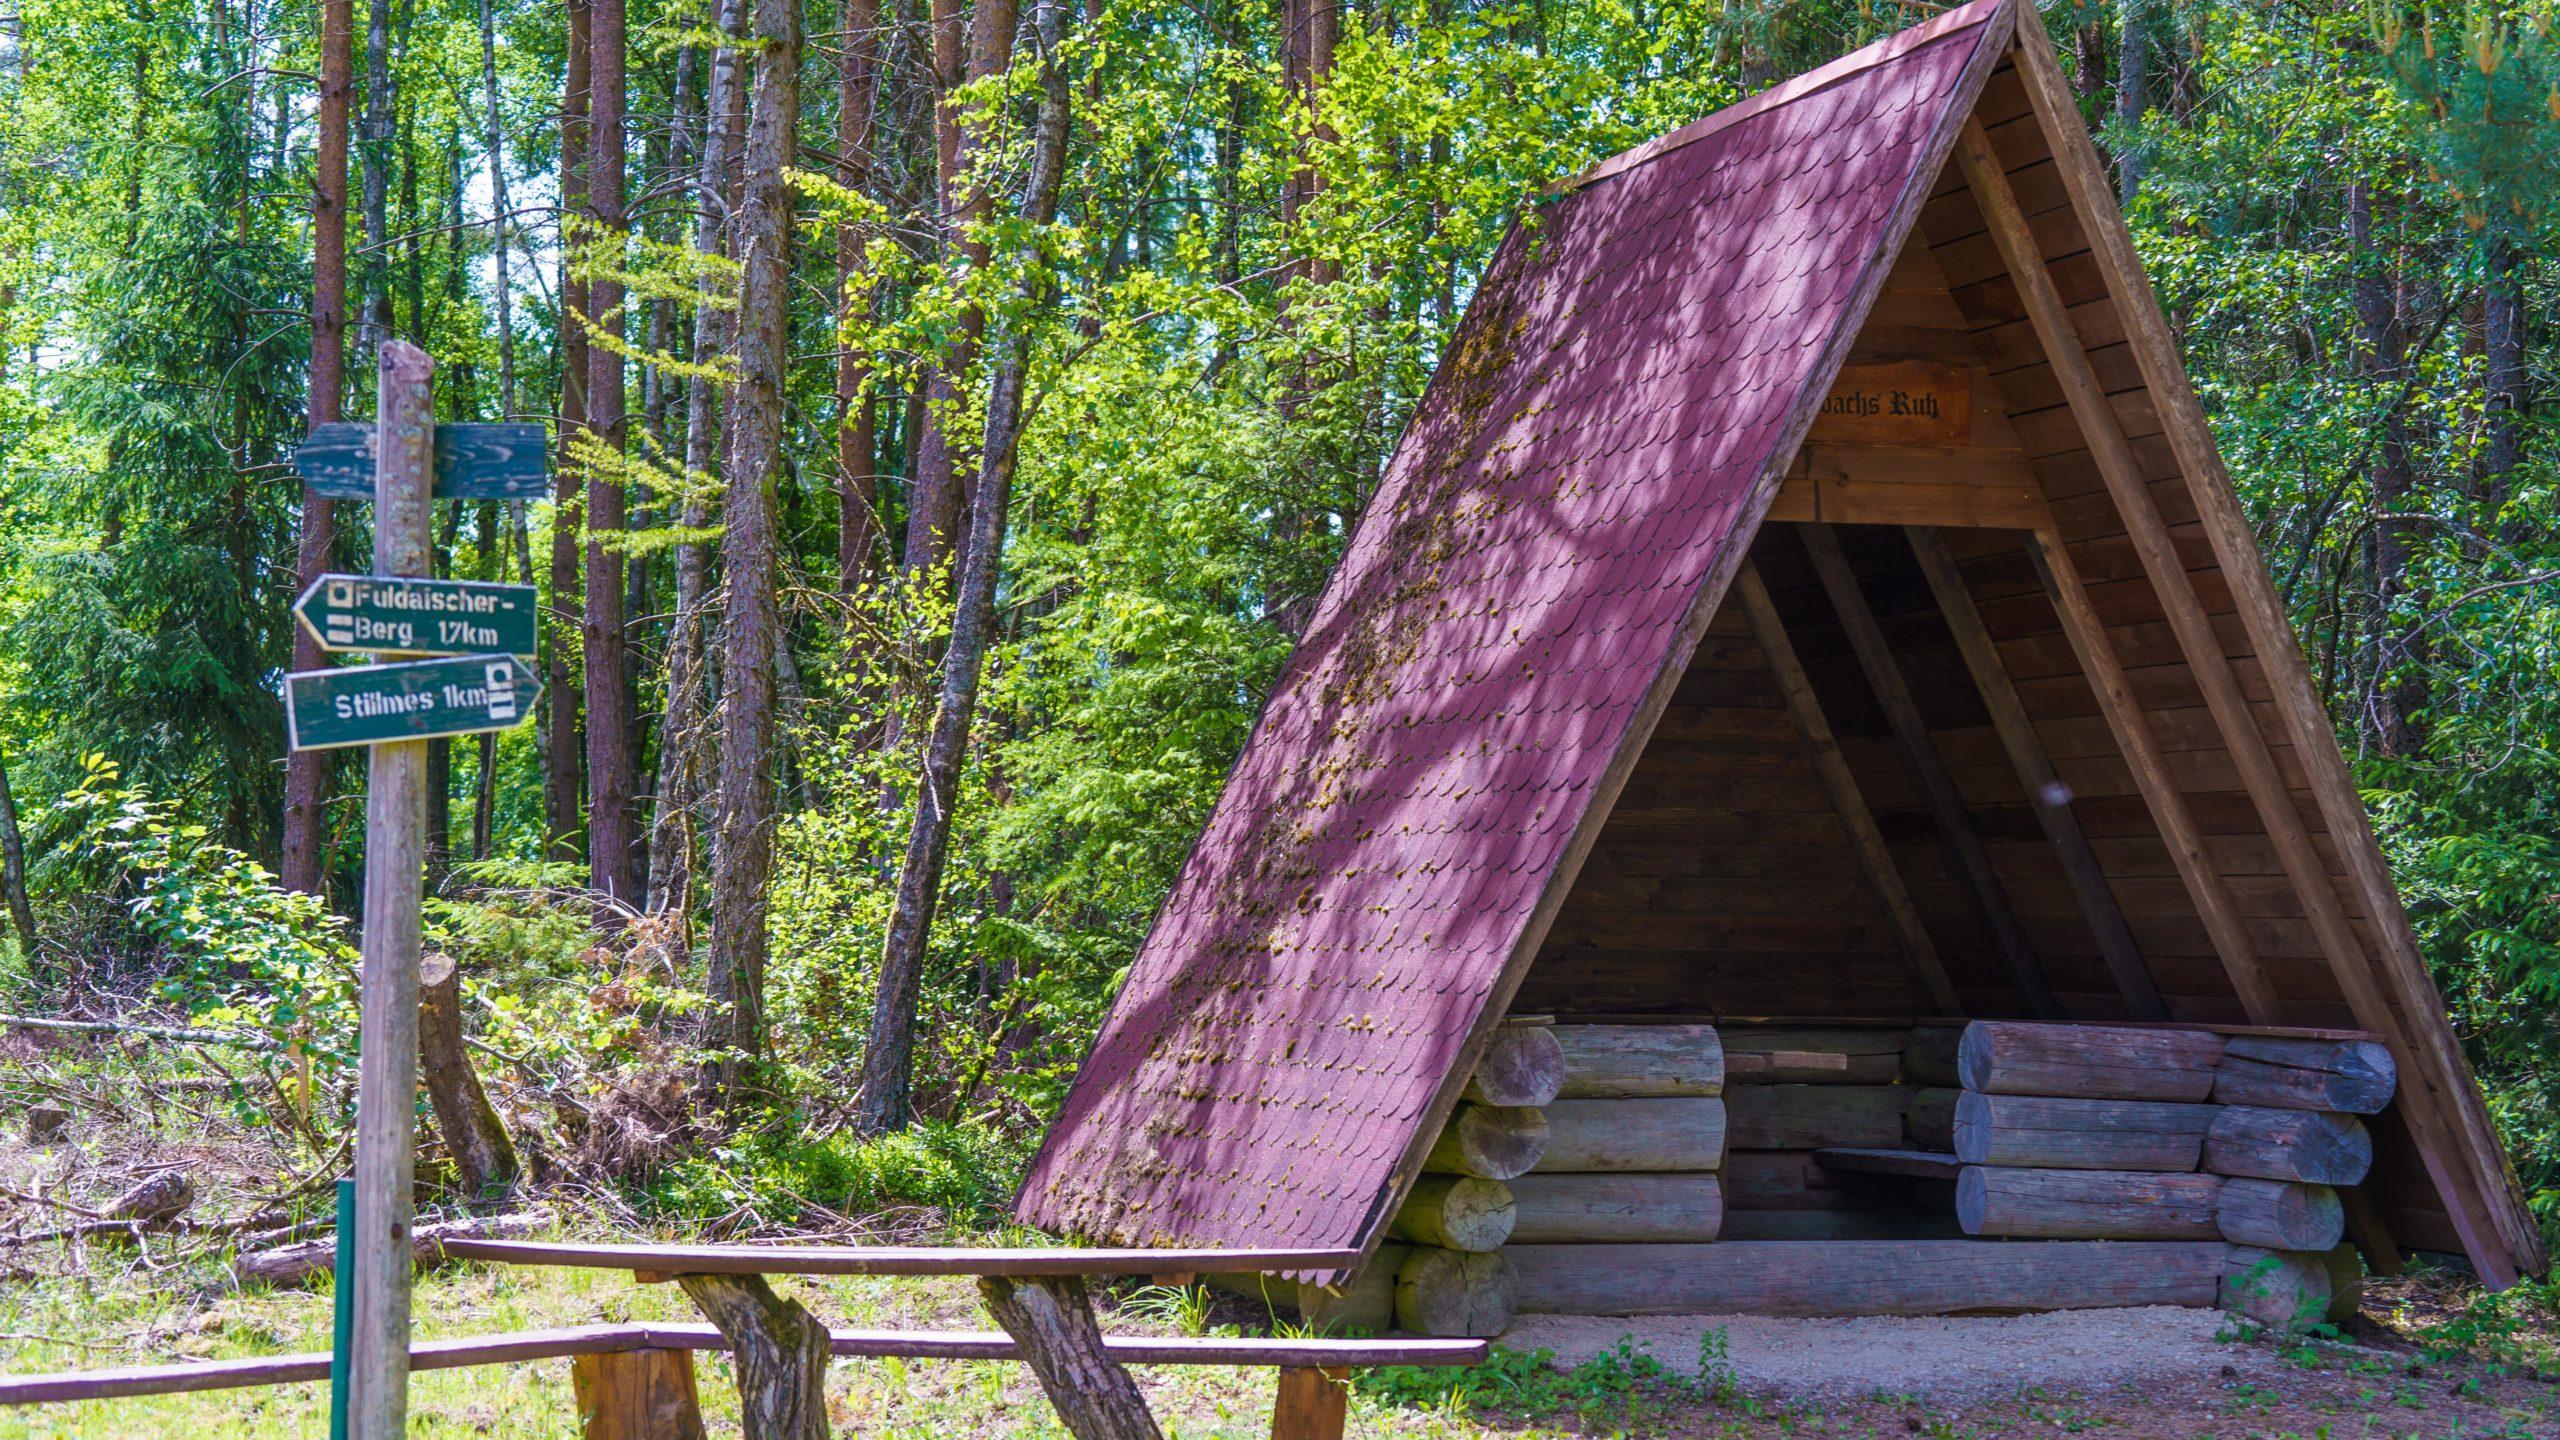 Grenzweg Gerstunger Forst, Wanderhütte am Kolonnenweg zwischen Stillmes und Fuldaischen Berg